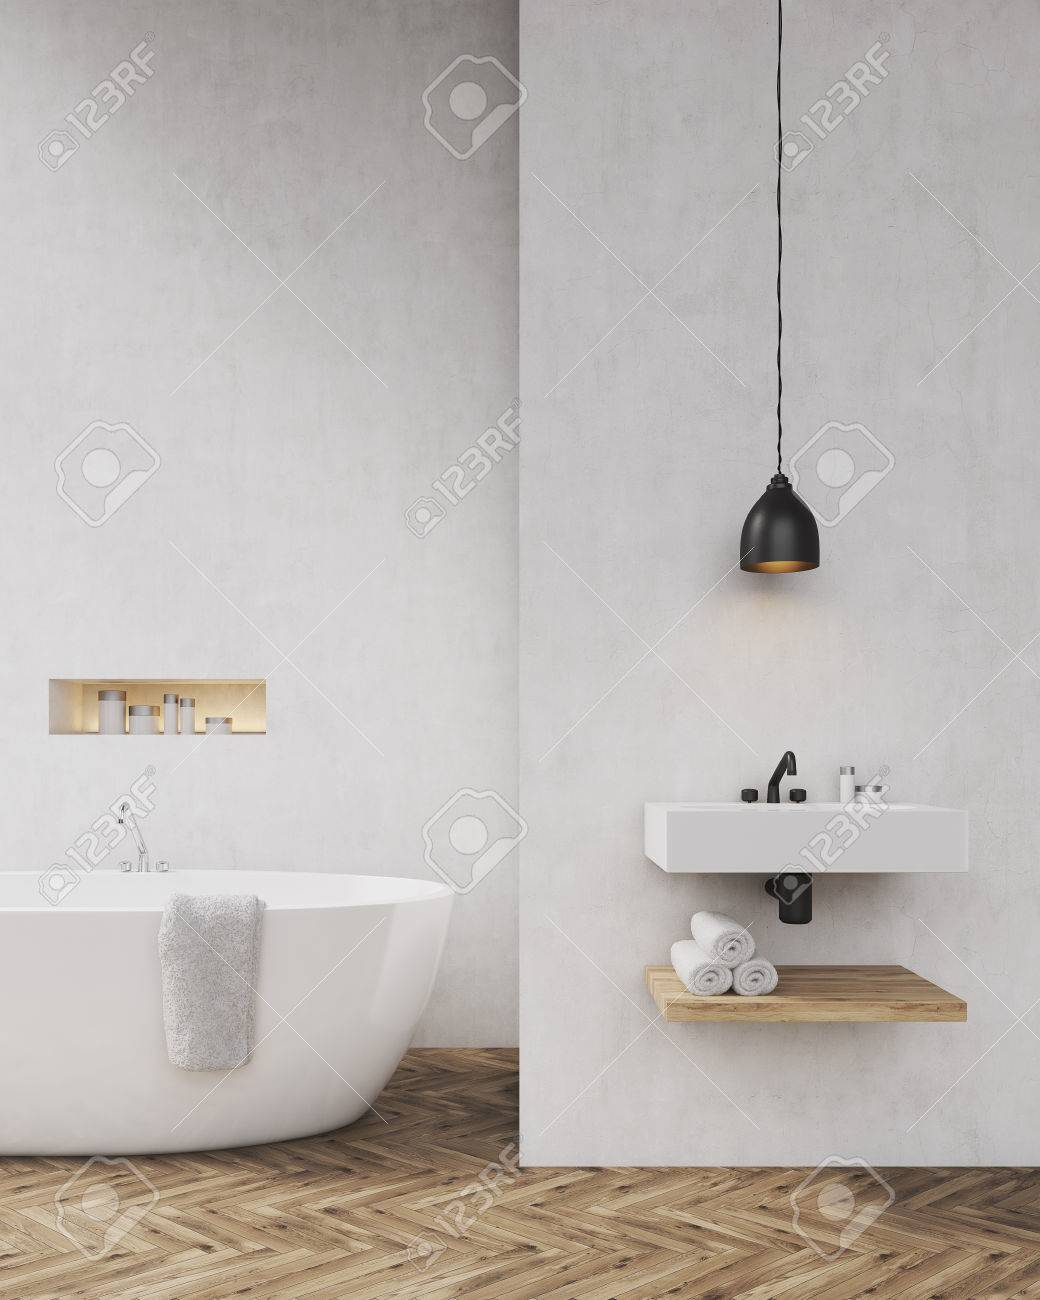 Bathroom With Light Gray Walls, Bathtub, Sink And Towel Shelf ...